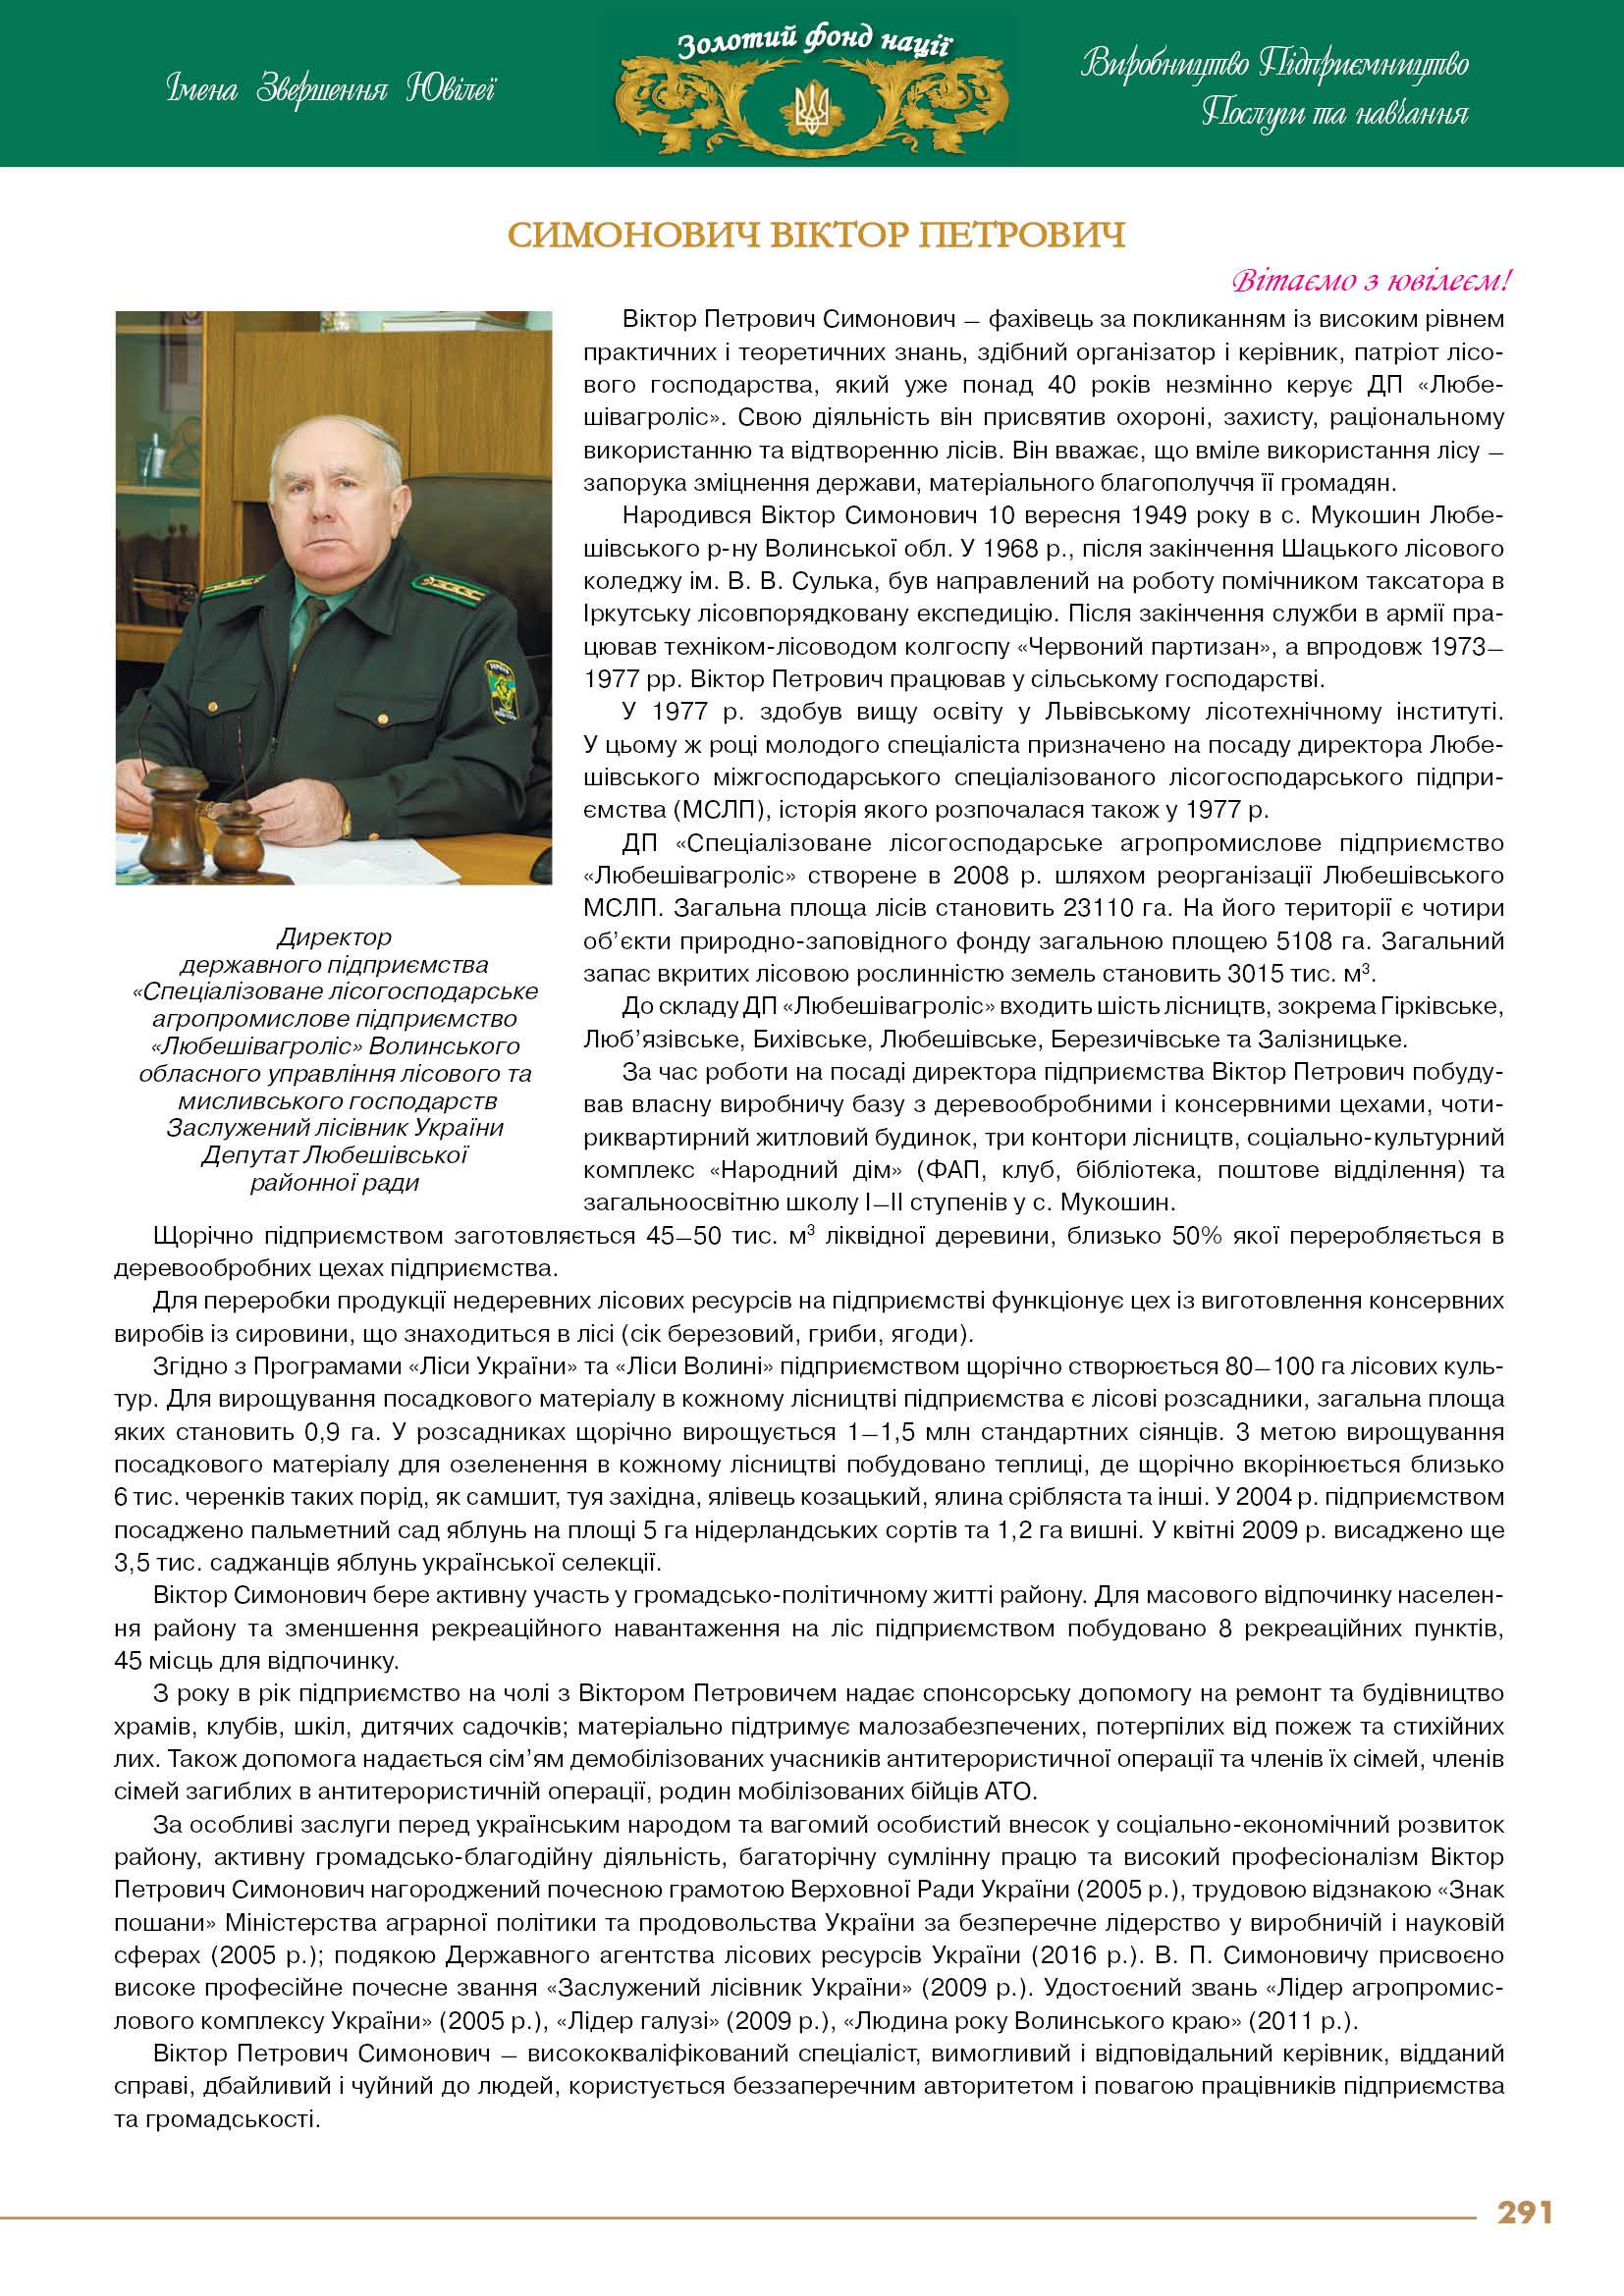 Симонович Віктор Петрович